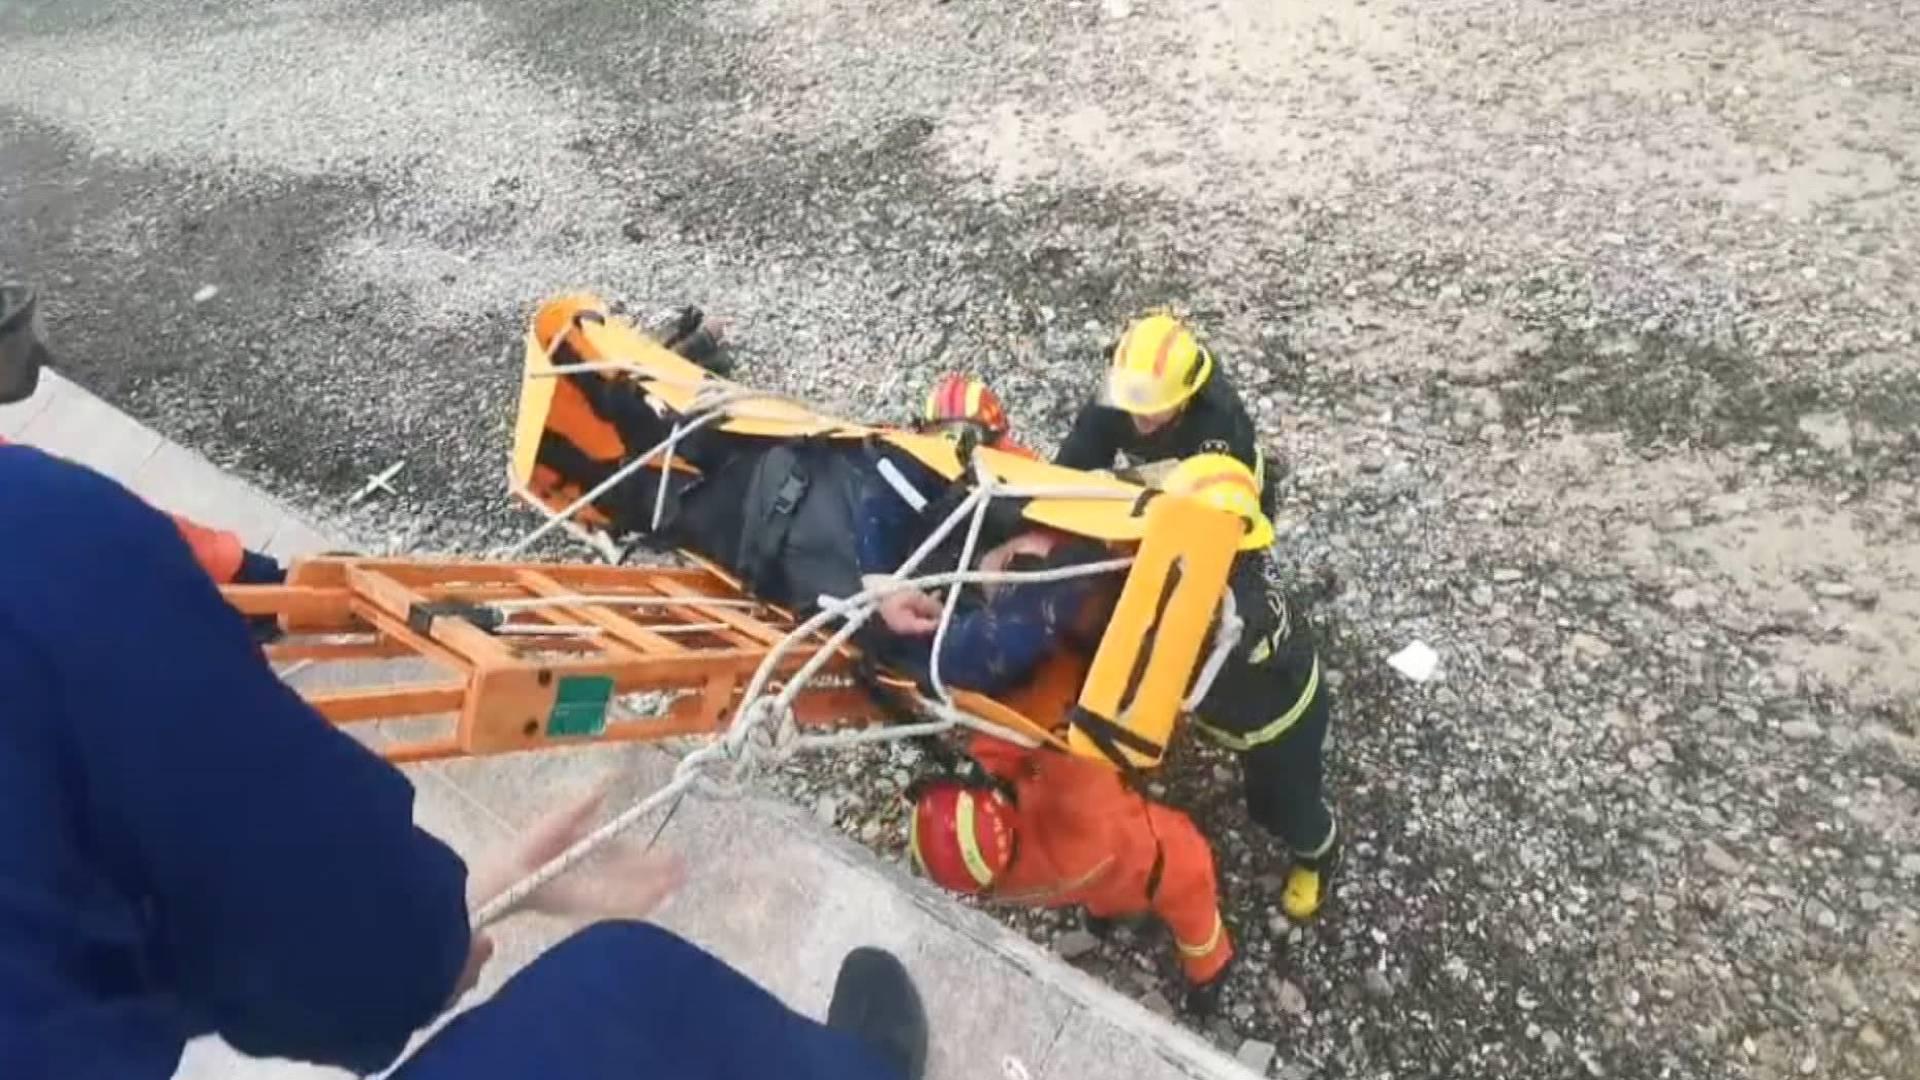 烟台男子赶海陷入险境 莱山消防紧急救援